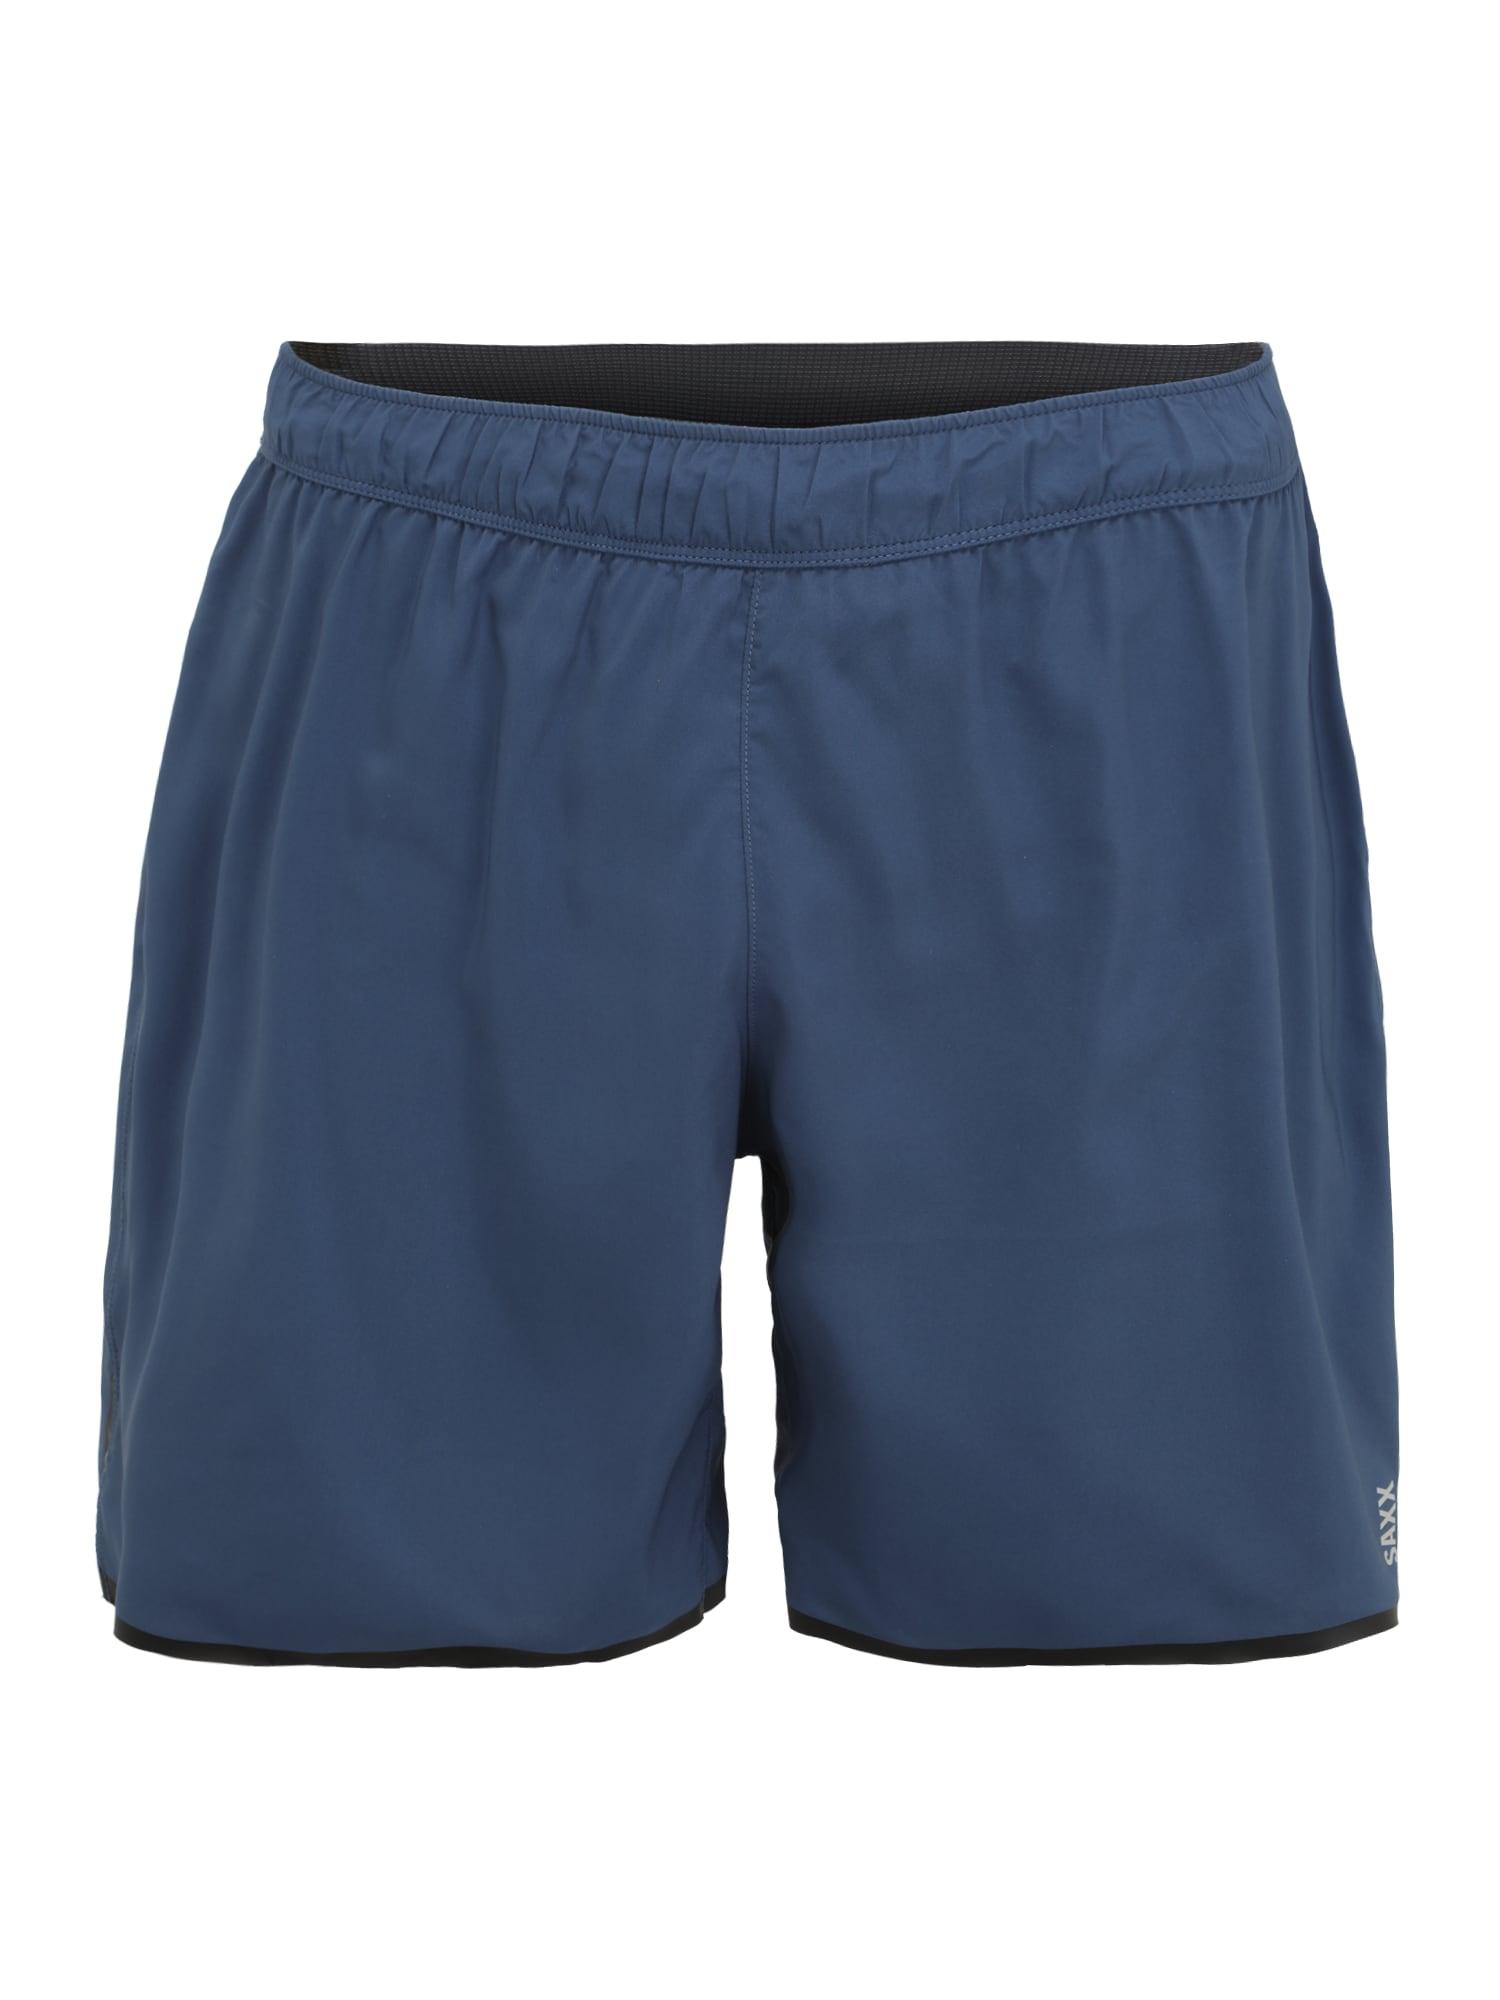 SAXX Sportinės kelnės